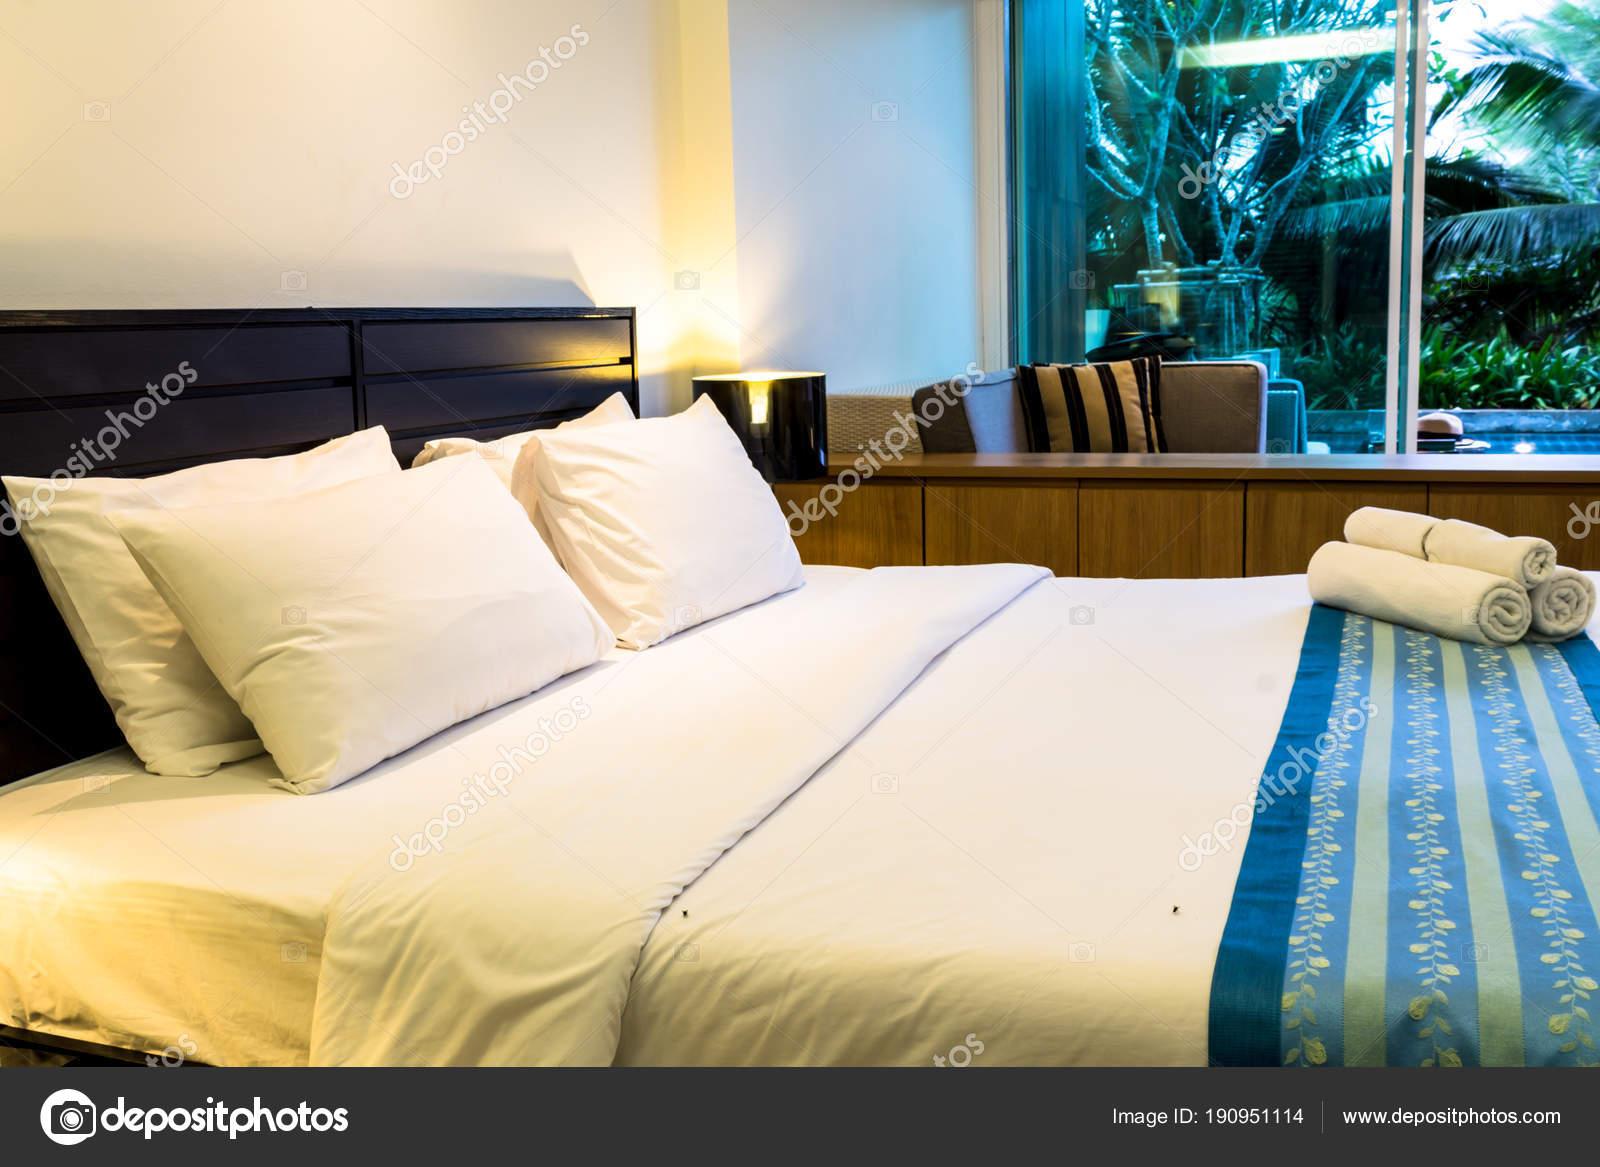 Piscina accesso accogliente camera da letto moderna decorazione ...